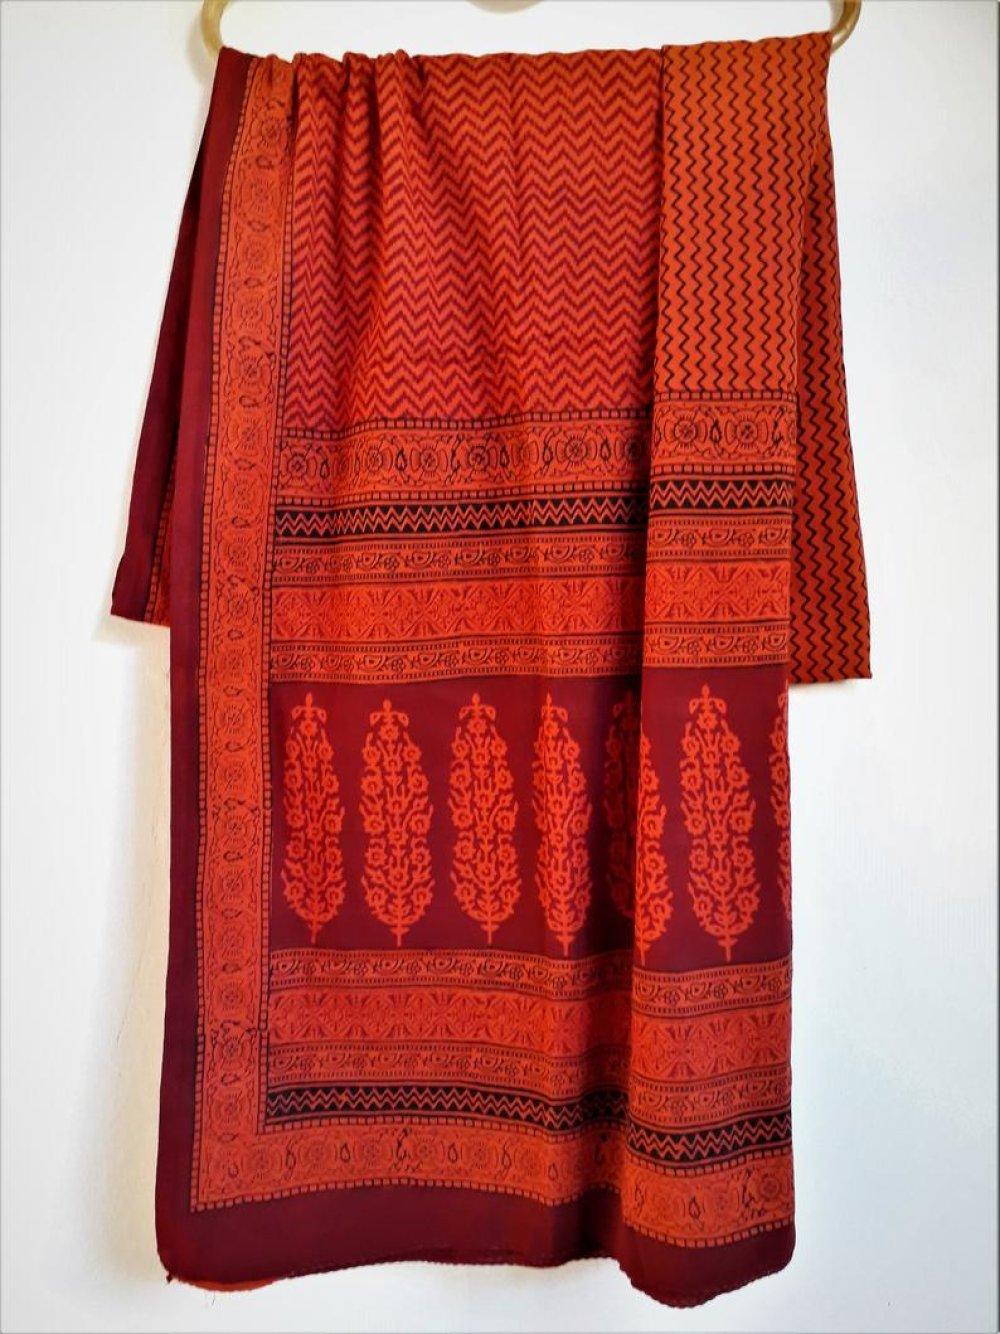 Coupon Tissu coton 240 X 115 cm Motifs imprimés à la main Block print Bagh Orange Noir